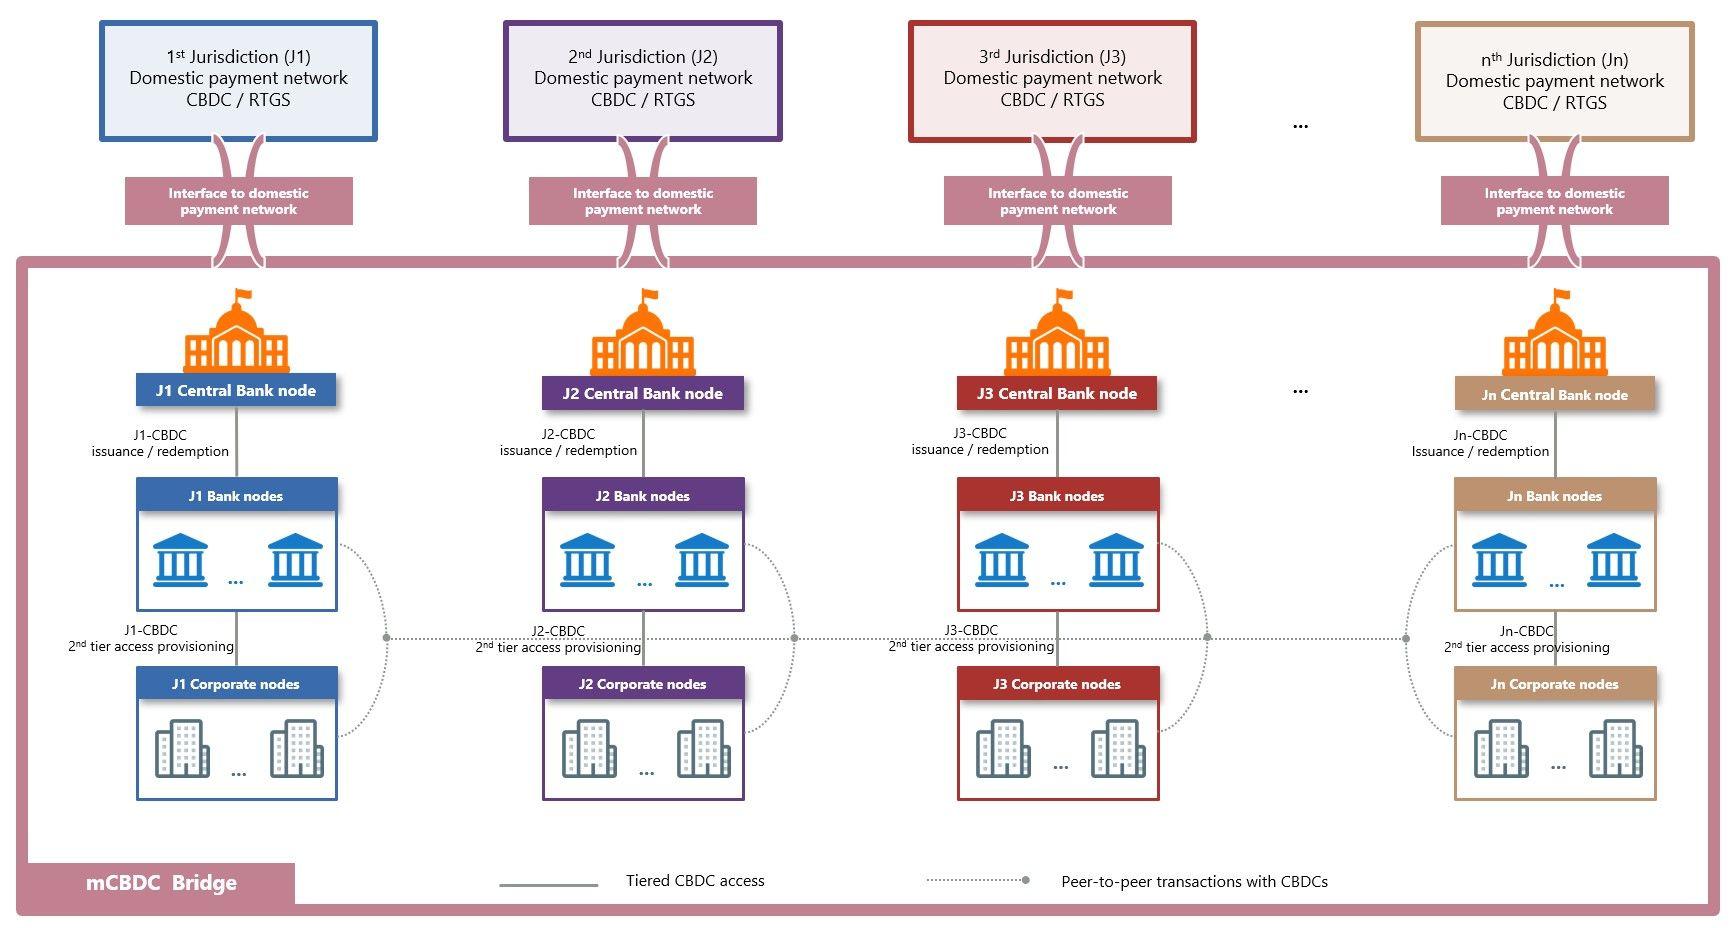 各国のクロスボーダー決済部分をひとつながりのレイヤーとする。出典:BIS